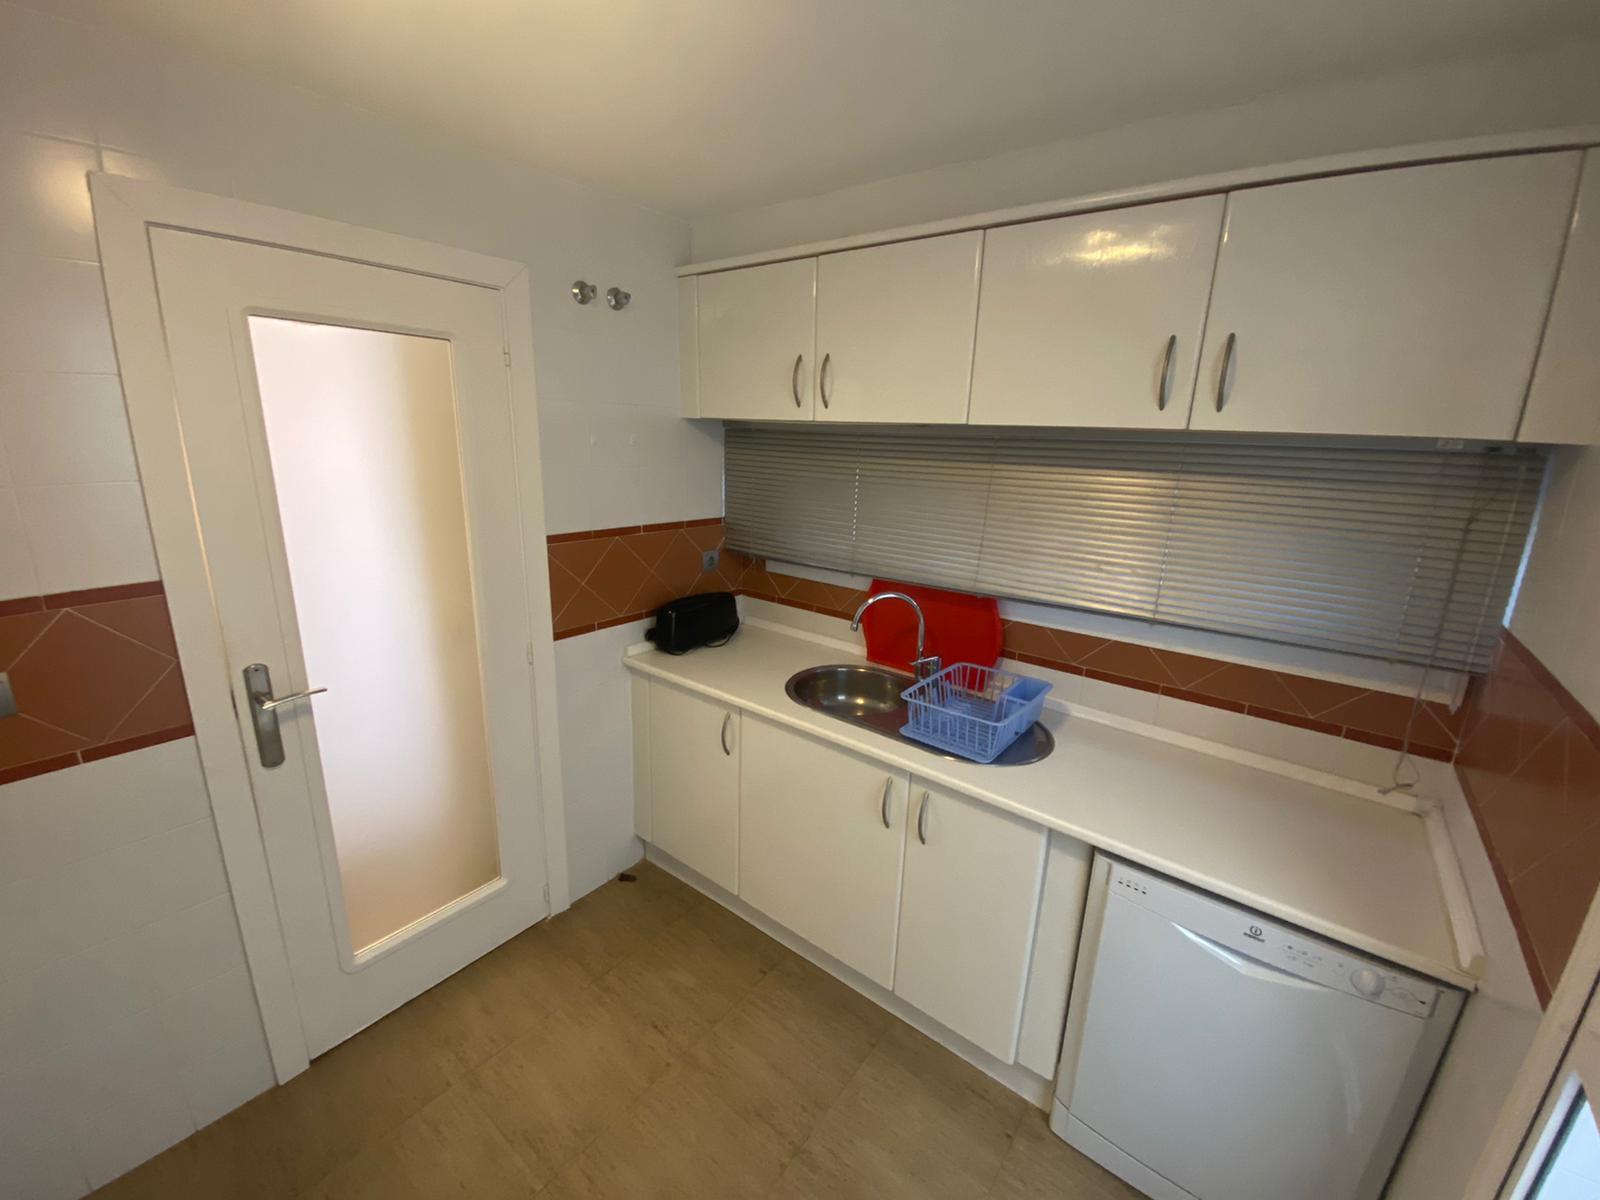 Imagen 17 del Apartamento Turístico, Ático 6 Levante (3d+2b), Punta del Moral (HUELVA), Paseo de la Cruz nº22